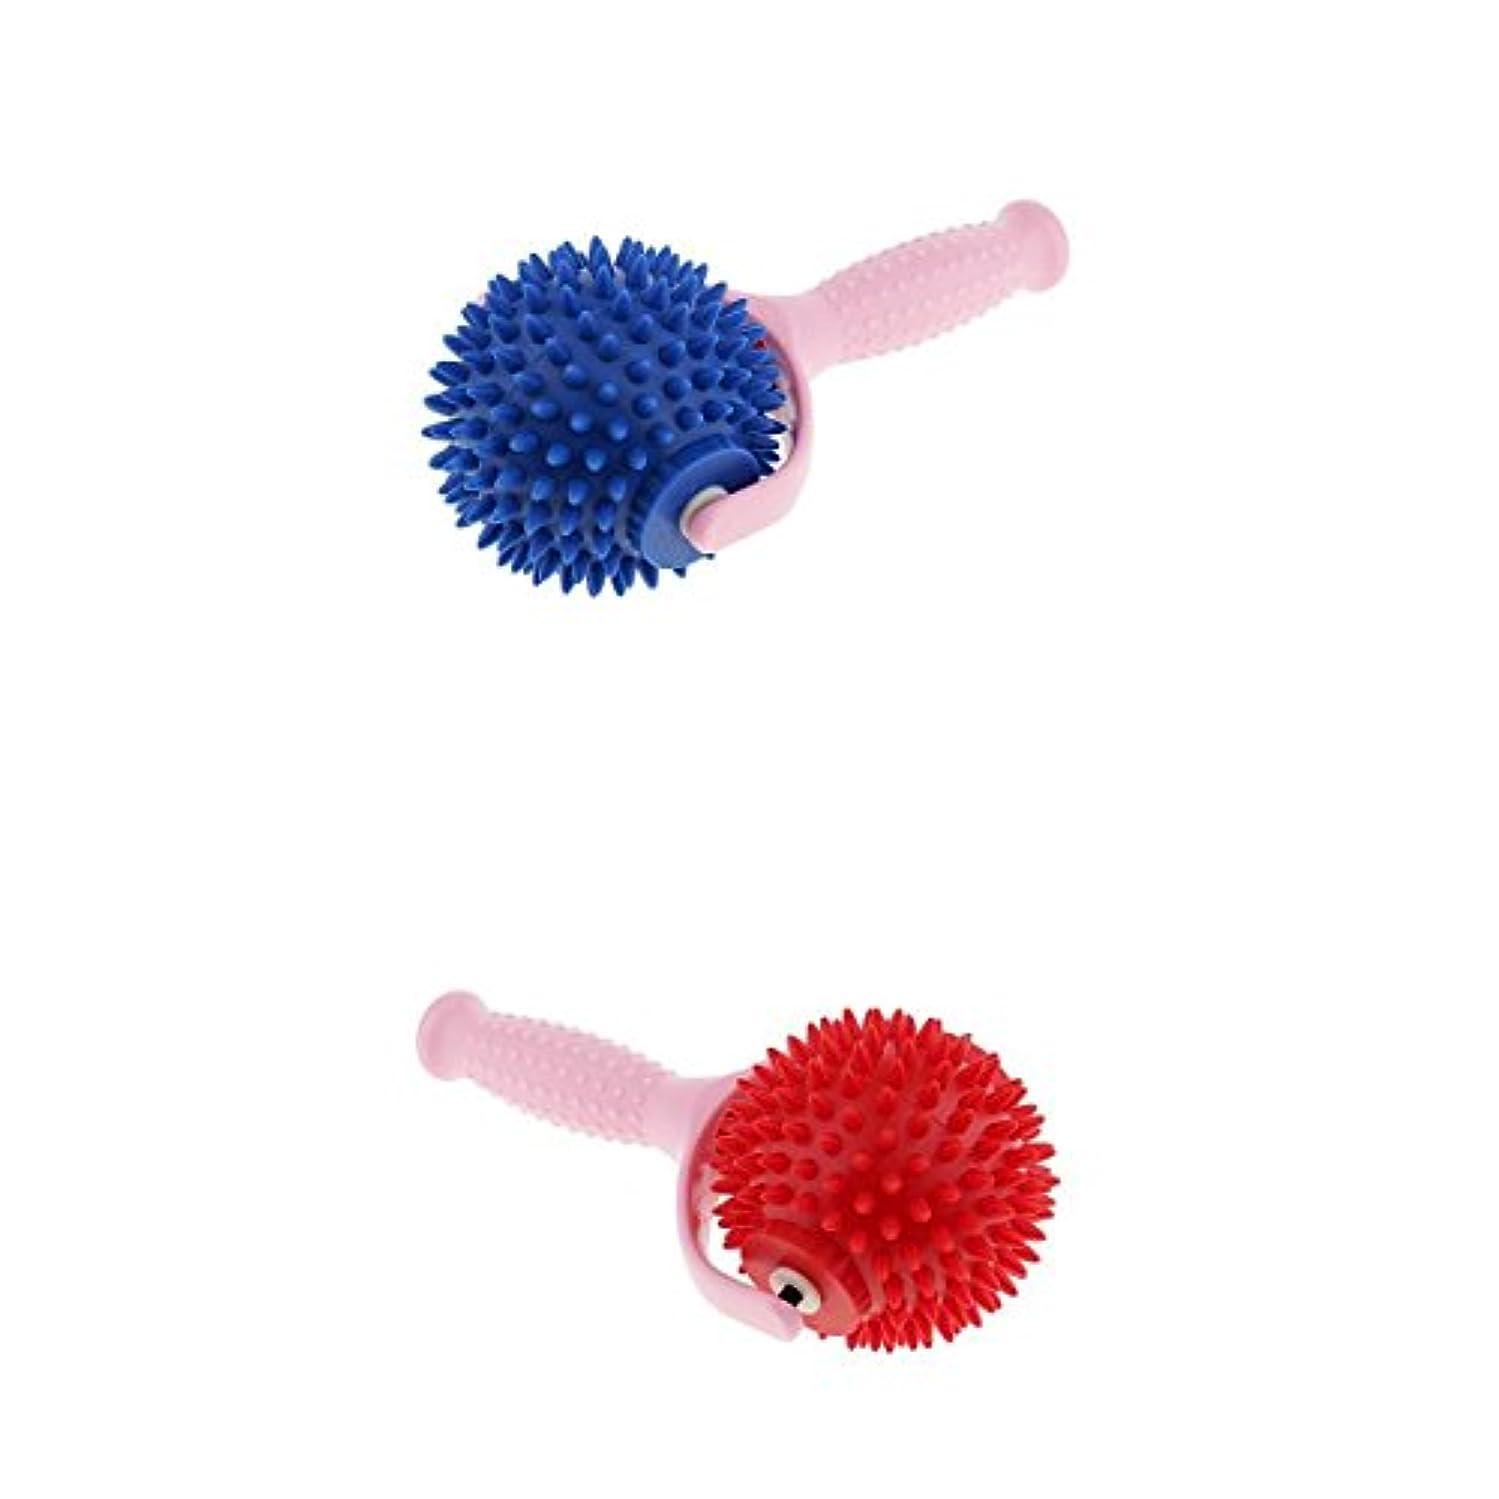 問い合わせテザー情熱的Perfk マッサージボール 手持ち式 2個セット 筋膜リリース 伝統的 鍼療法 PVCプラスチック